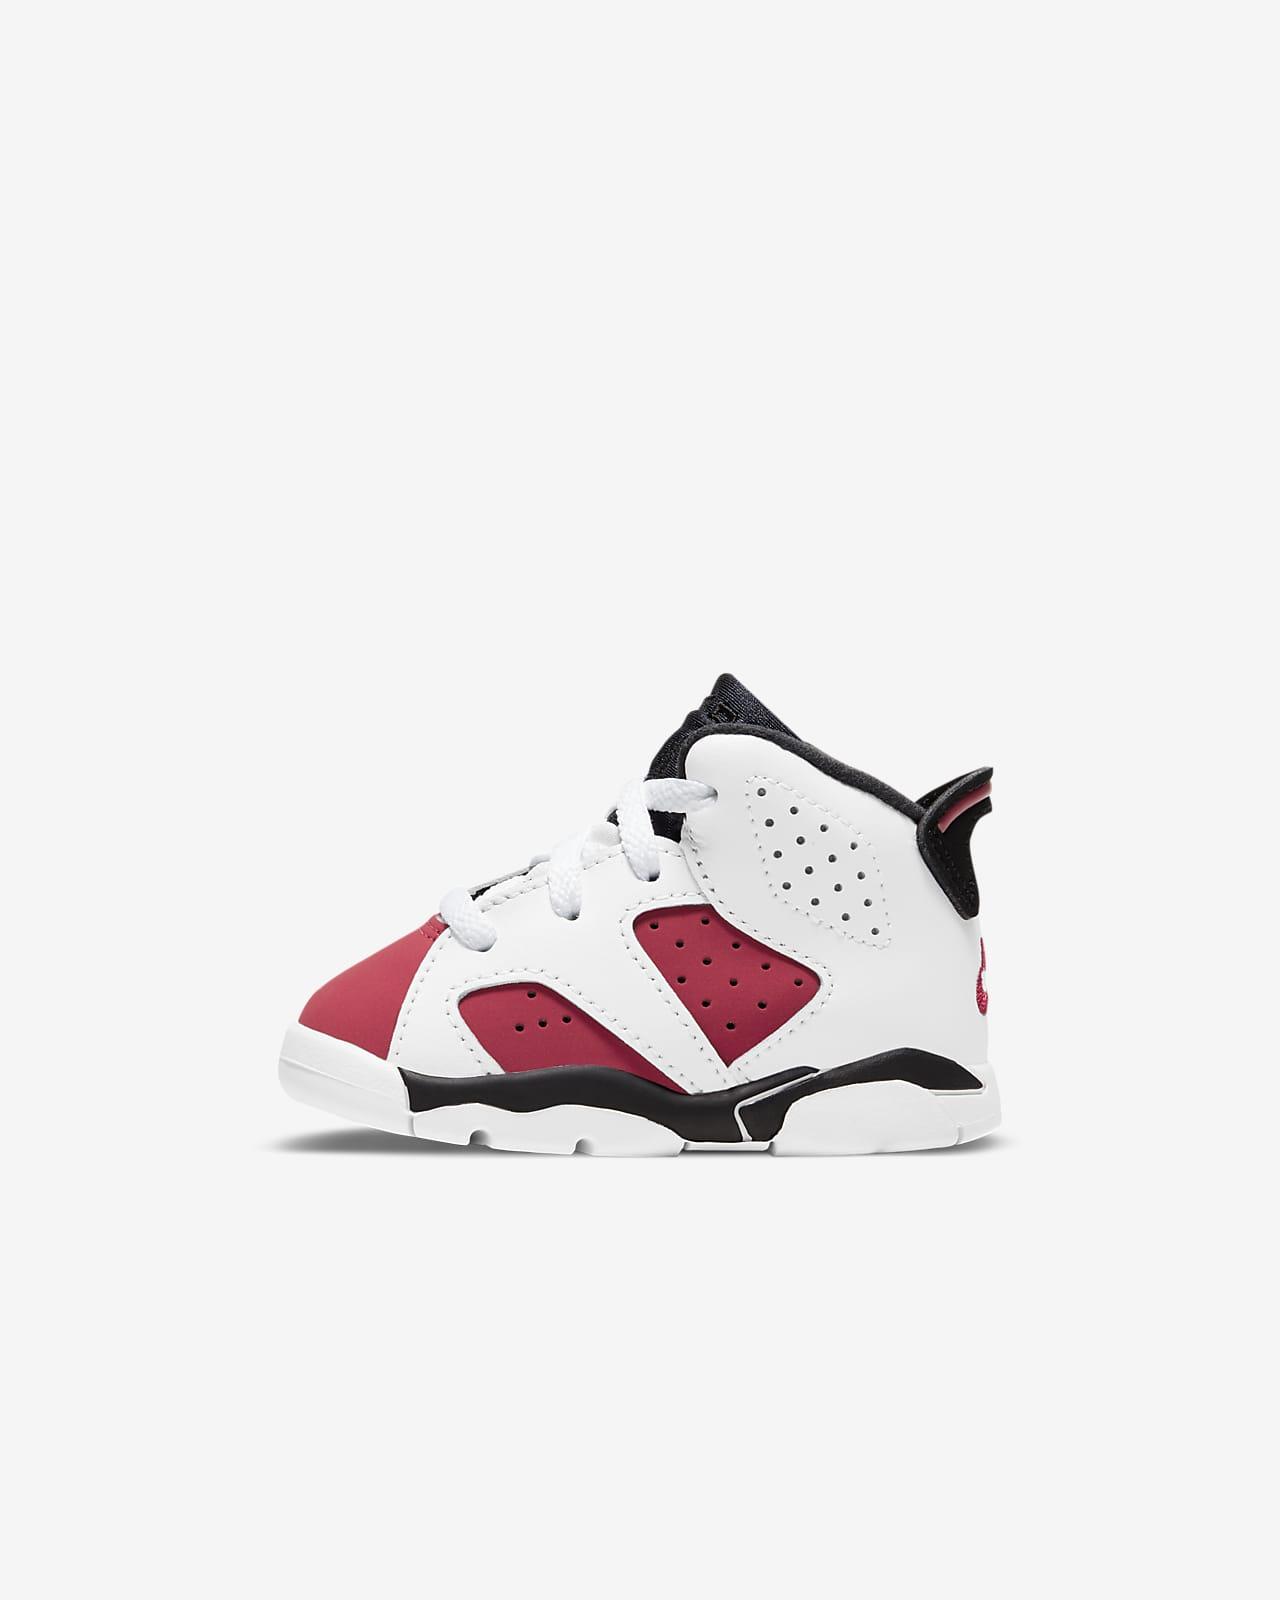 Jordan 6 Retro Baby and Toddler Shoe